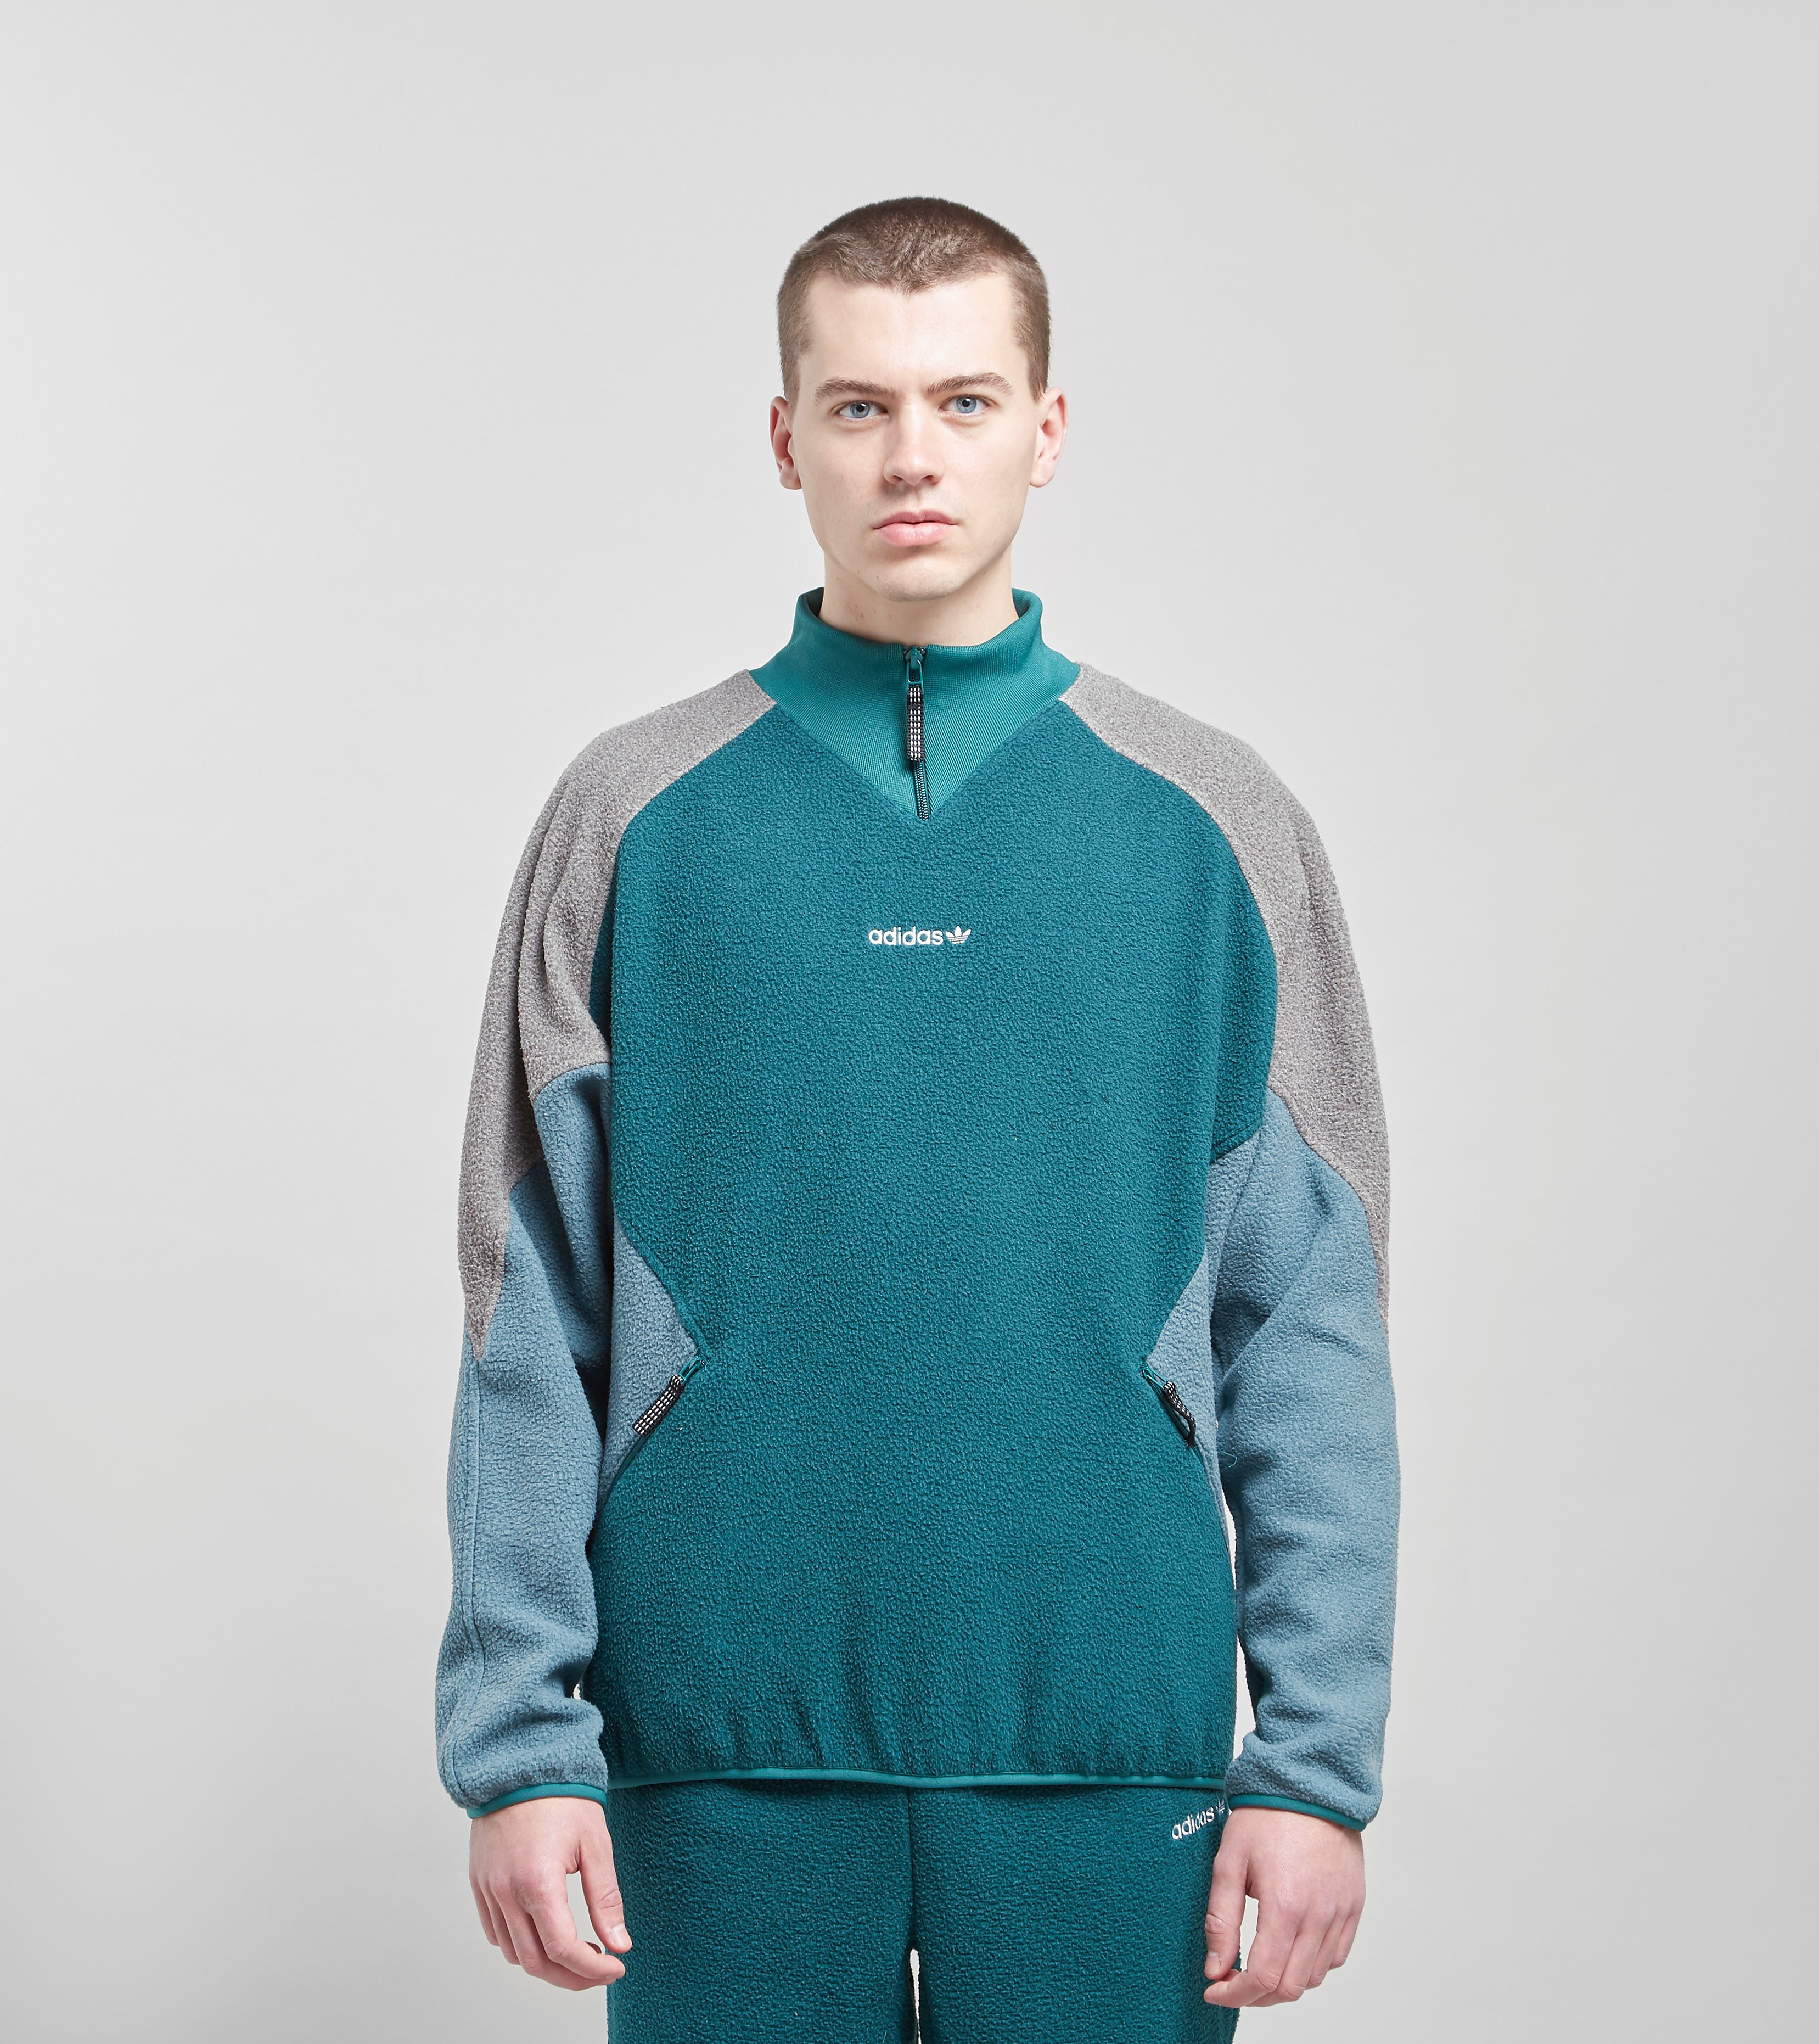 adidas Originals EQT Polar Fleece Jacket